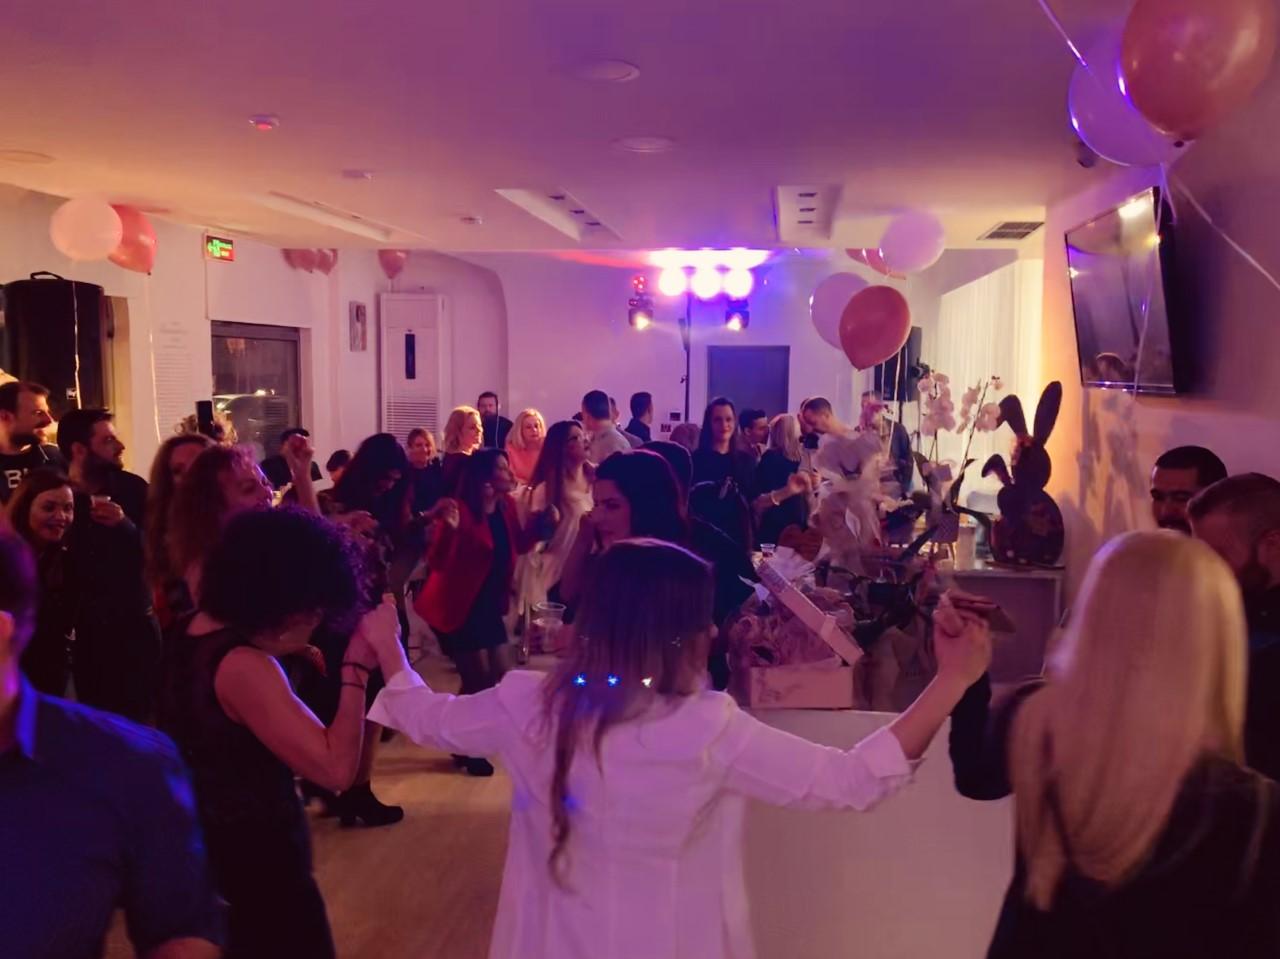 χορός στο πάρτυ γενεθλίων